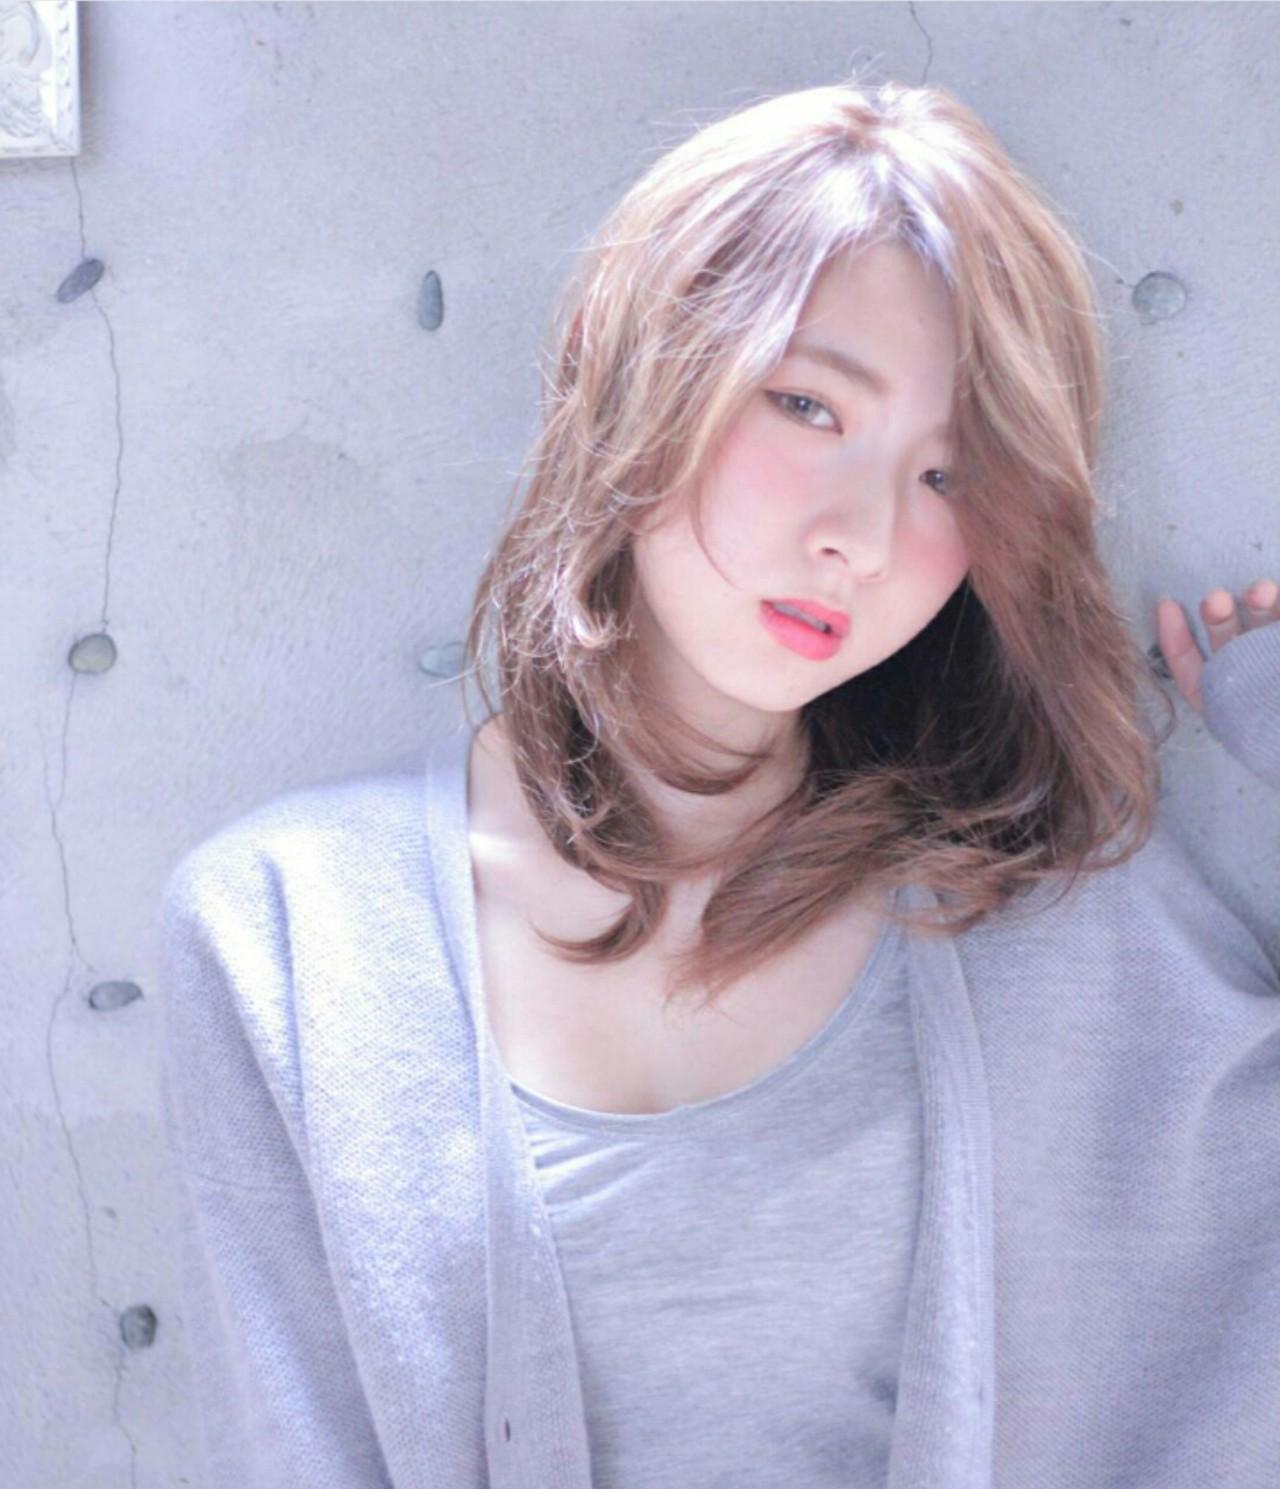 100ab398ef49d2aad5a97284dd0cc195 - 可愛くなれる人気のミルクティーカラーに髪色を変えてみませんか?